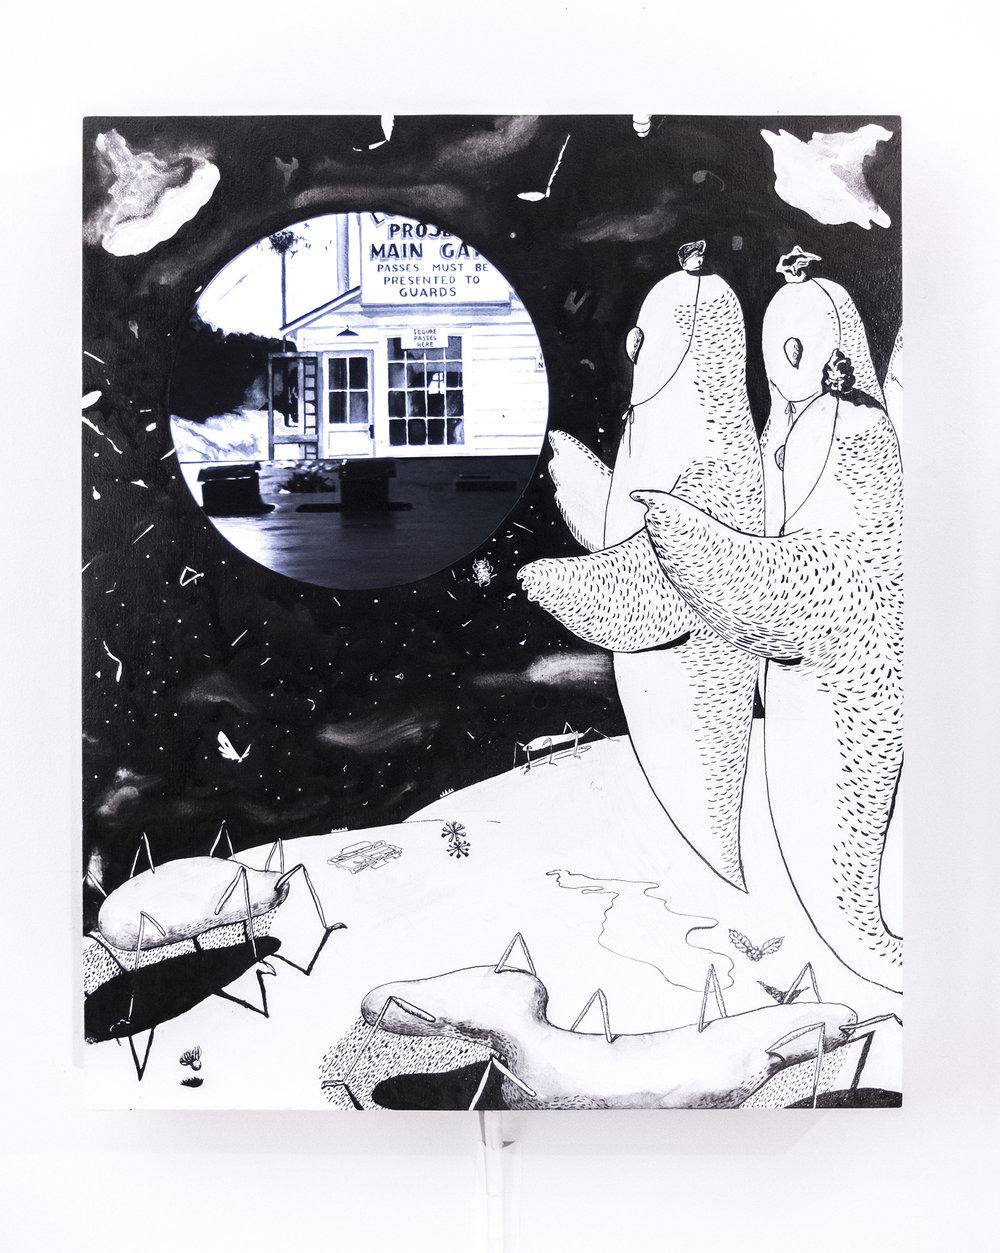 Gaku Tsutaja,  Estudio con la Luna,  2019. tinta Sumi, pintura de casas, reproductor de medios, monitor y altavoz 29 x 24 x 2 1/2 pulgadas / 73.7 x 61.0 x 6.4 cm